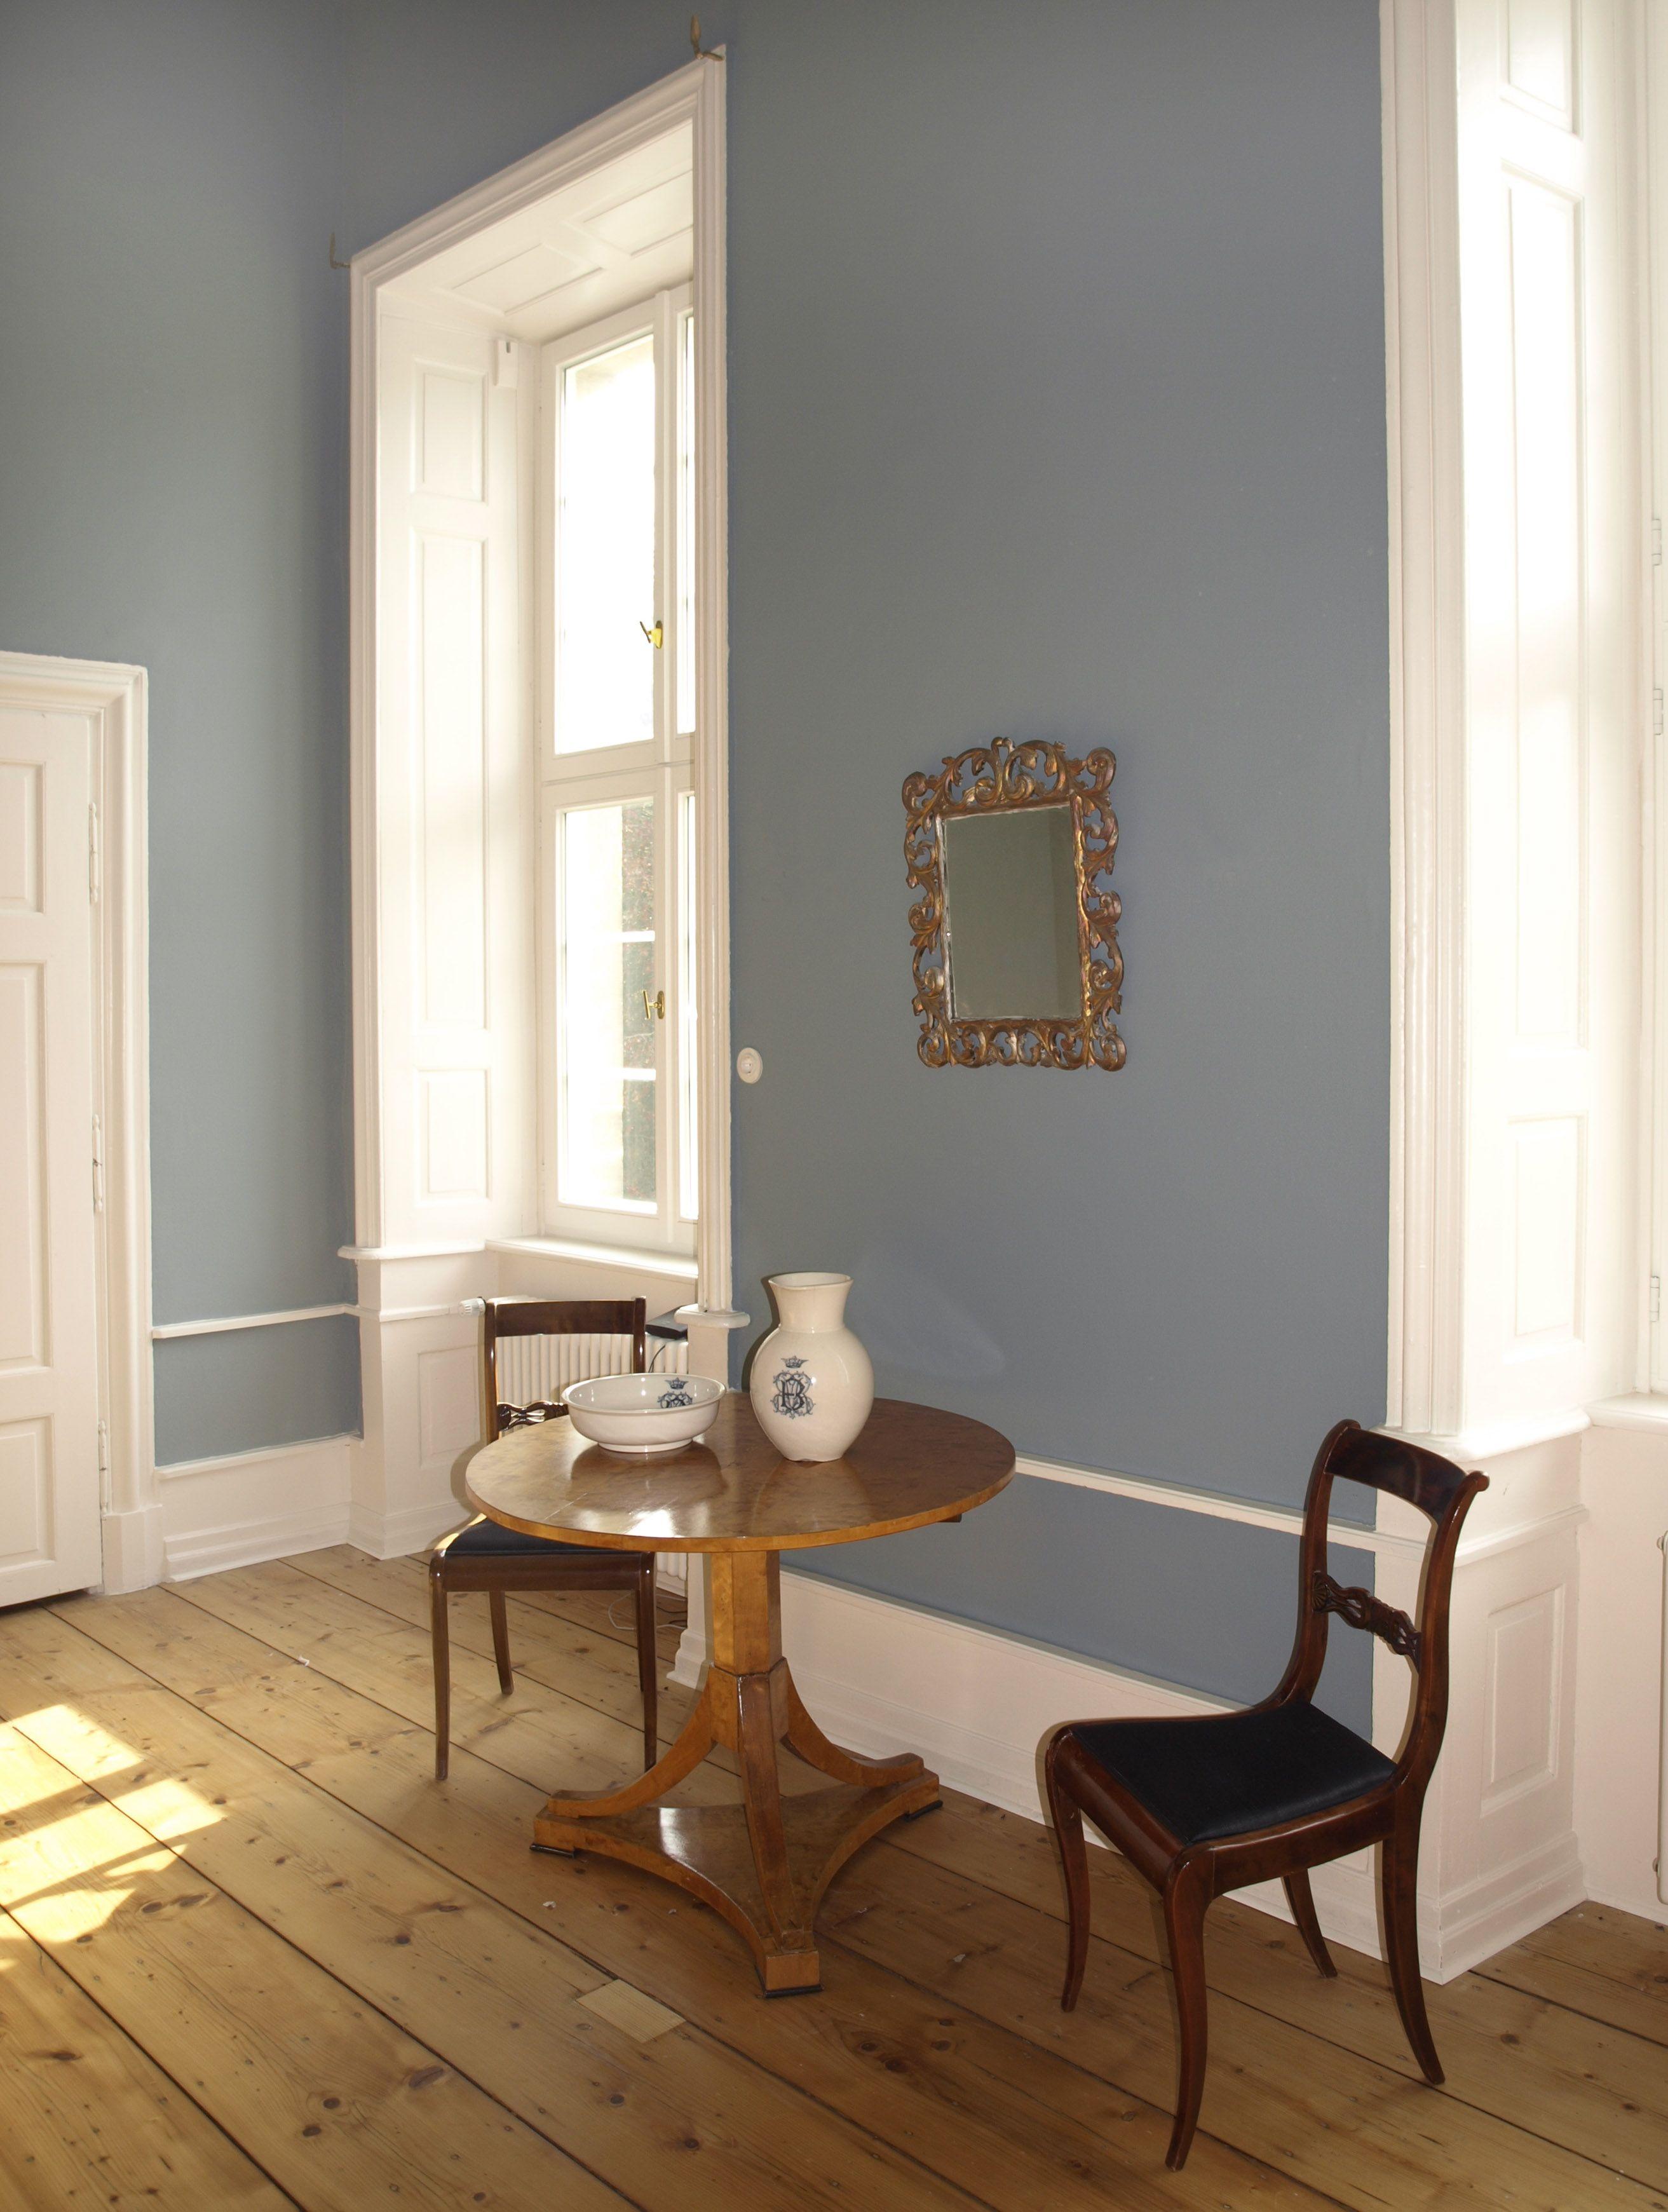 Blaue wandfarben blau grau ausschnitt dekorieren einrichtung wohnzimmer wohnen ideen ton